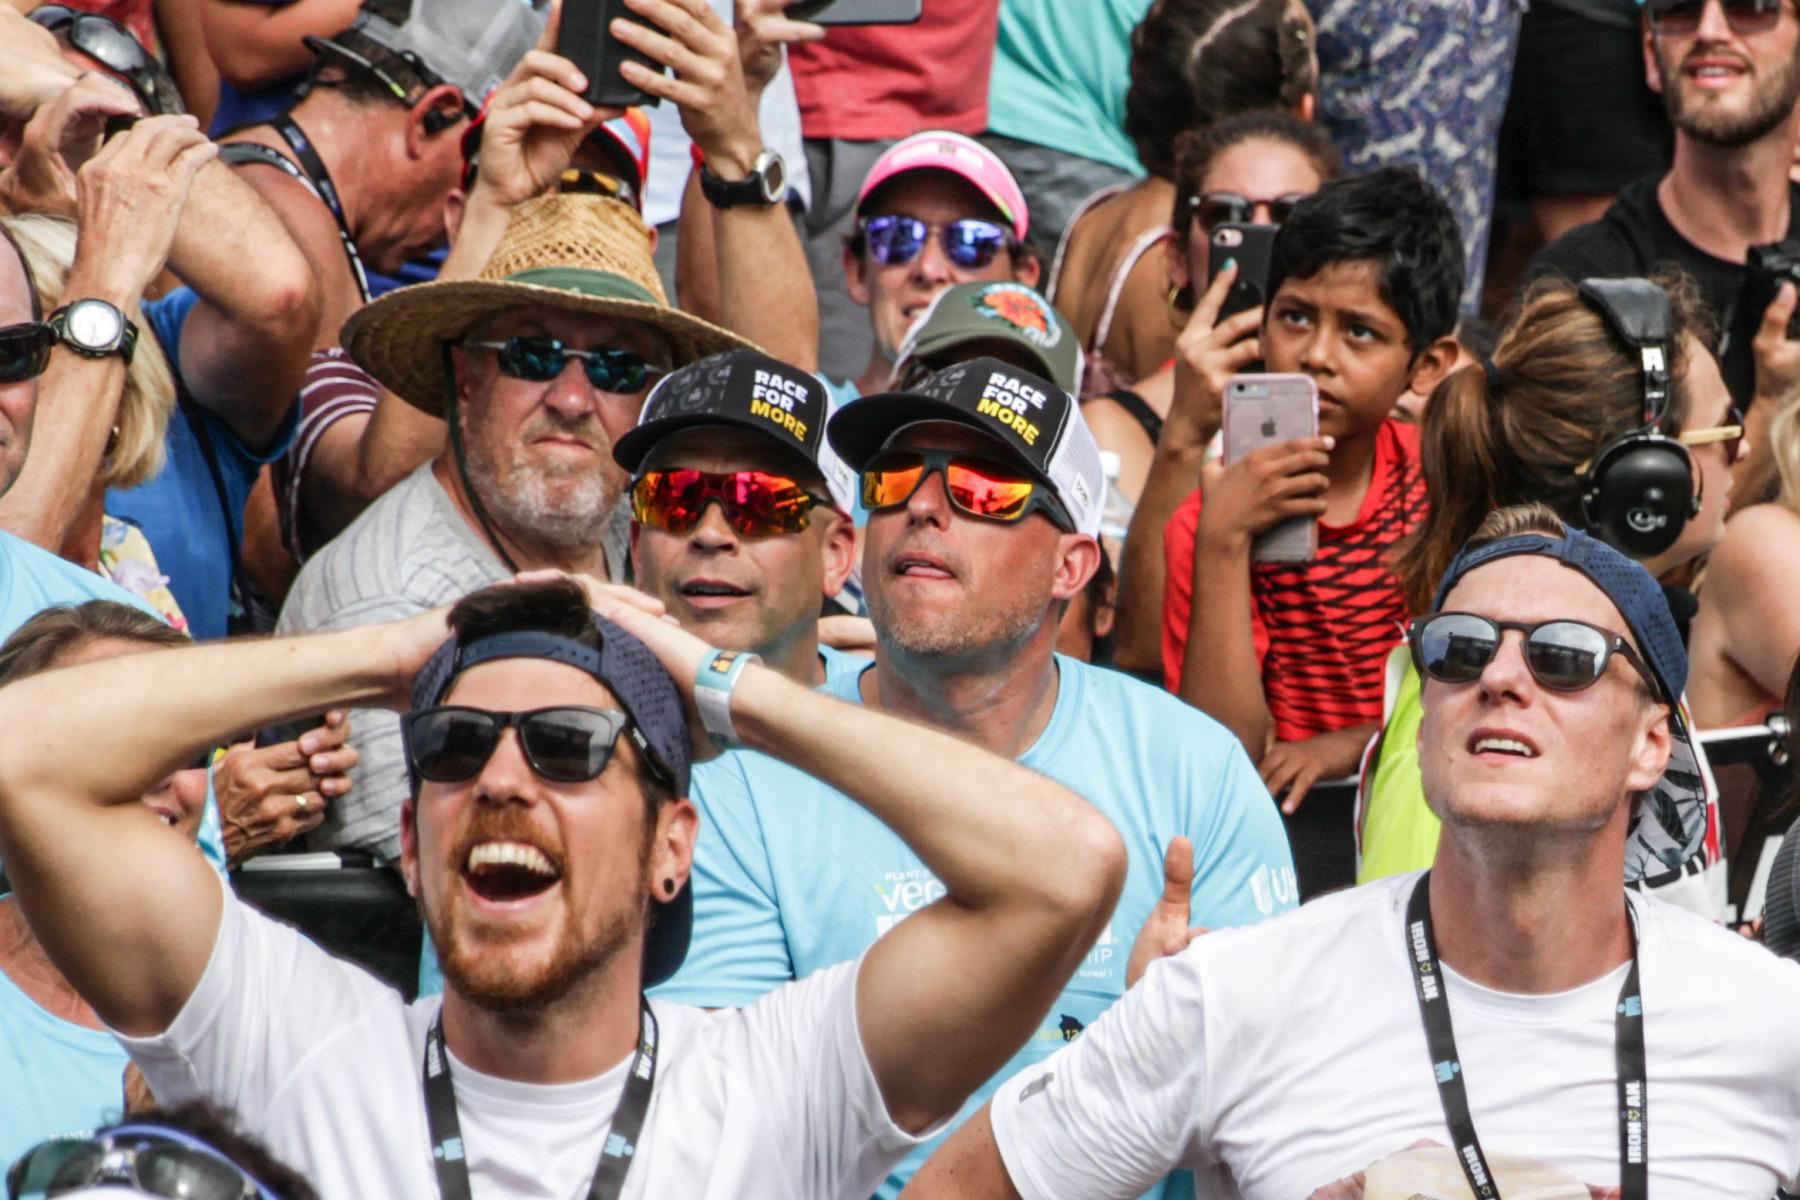 Die Support-Crew des neuen Weltmeisters verfolgt die letzten Schritte auf der großen Leinwand.